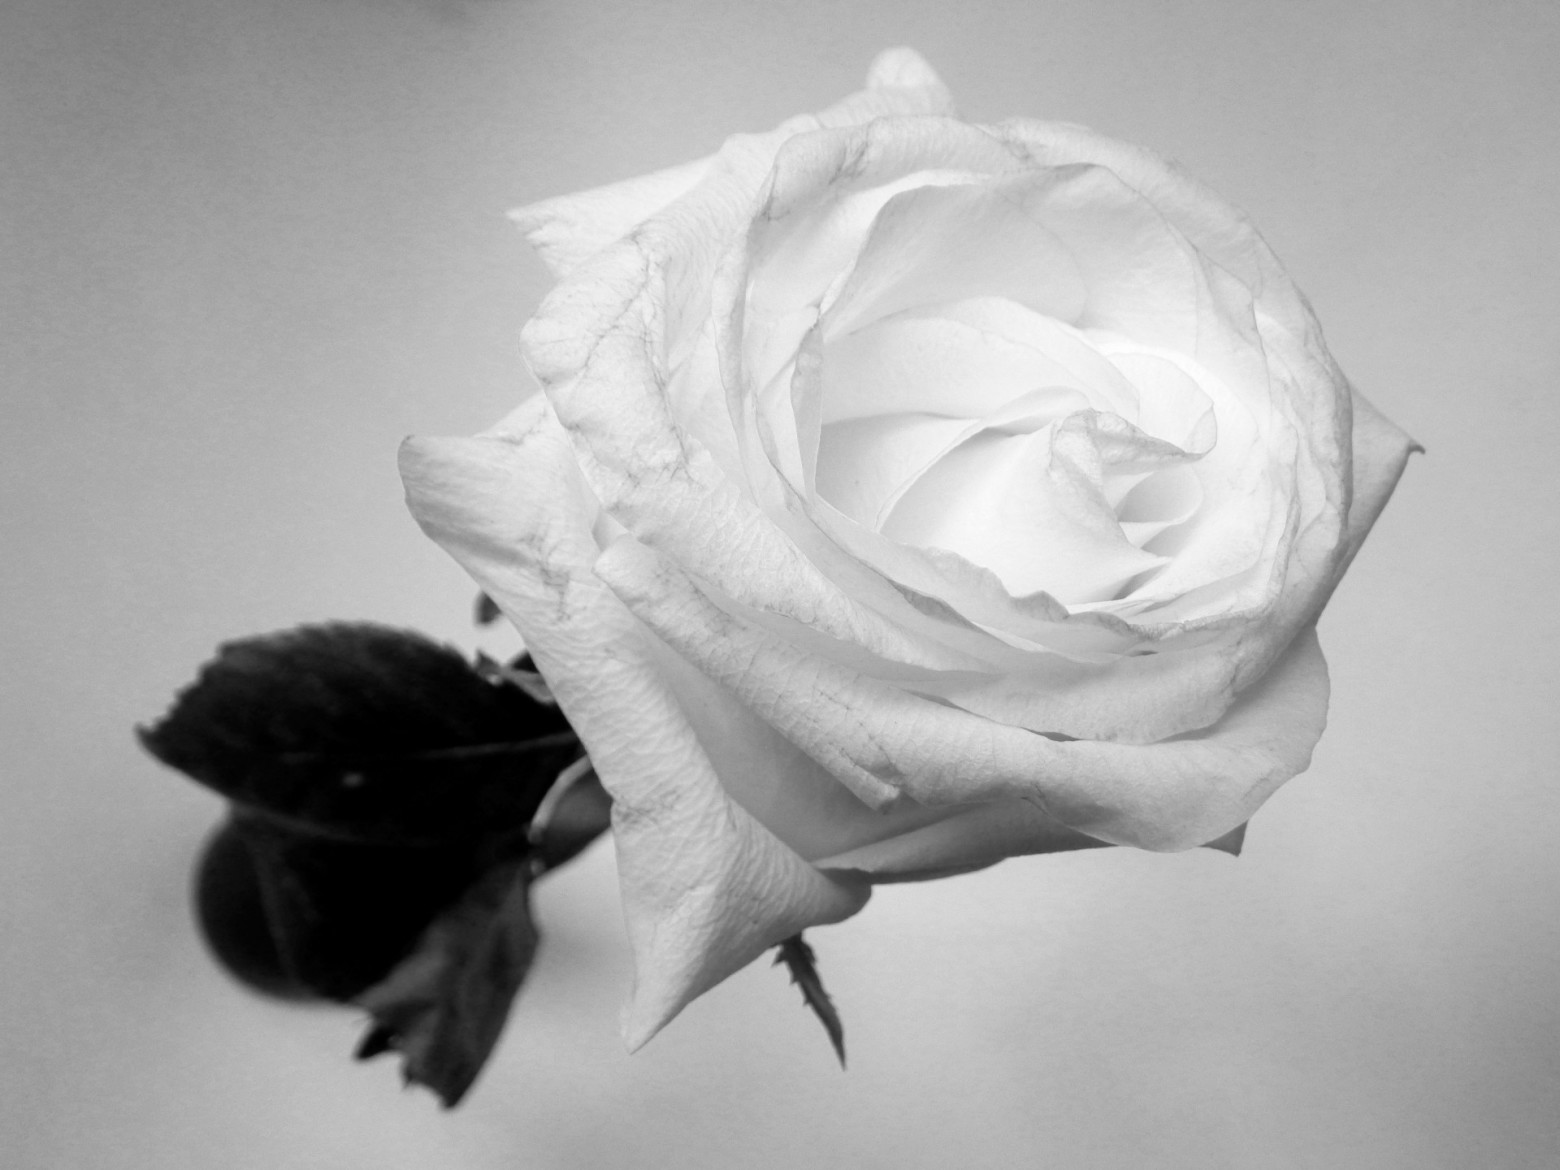 Fleur Rose Blanche Photo En Noir Et Blanc Images Gratuites Images